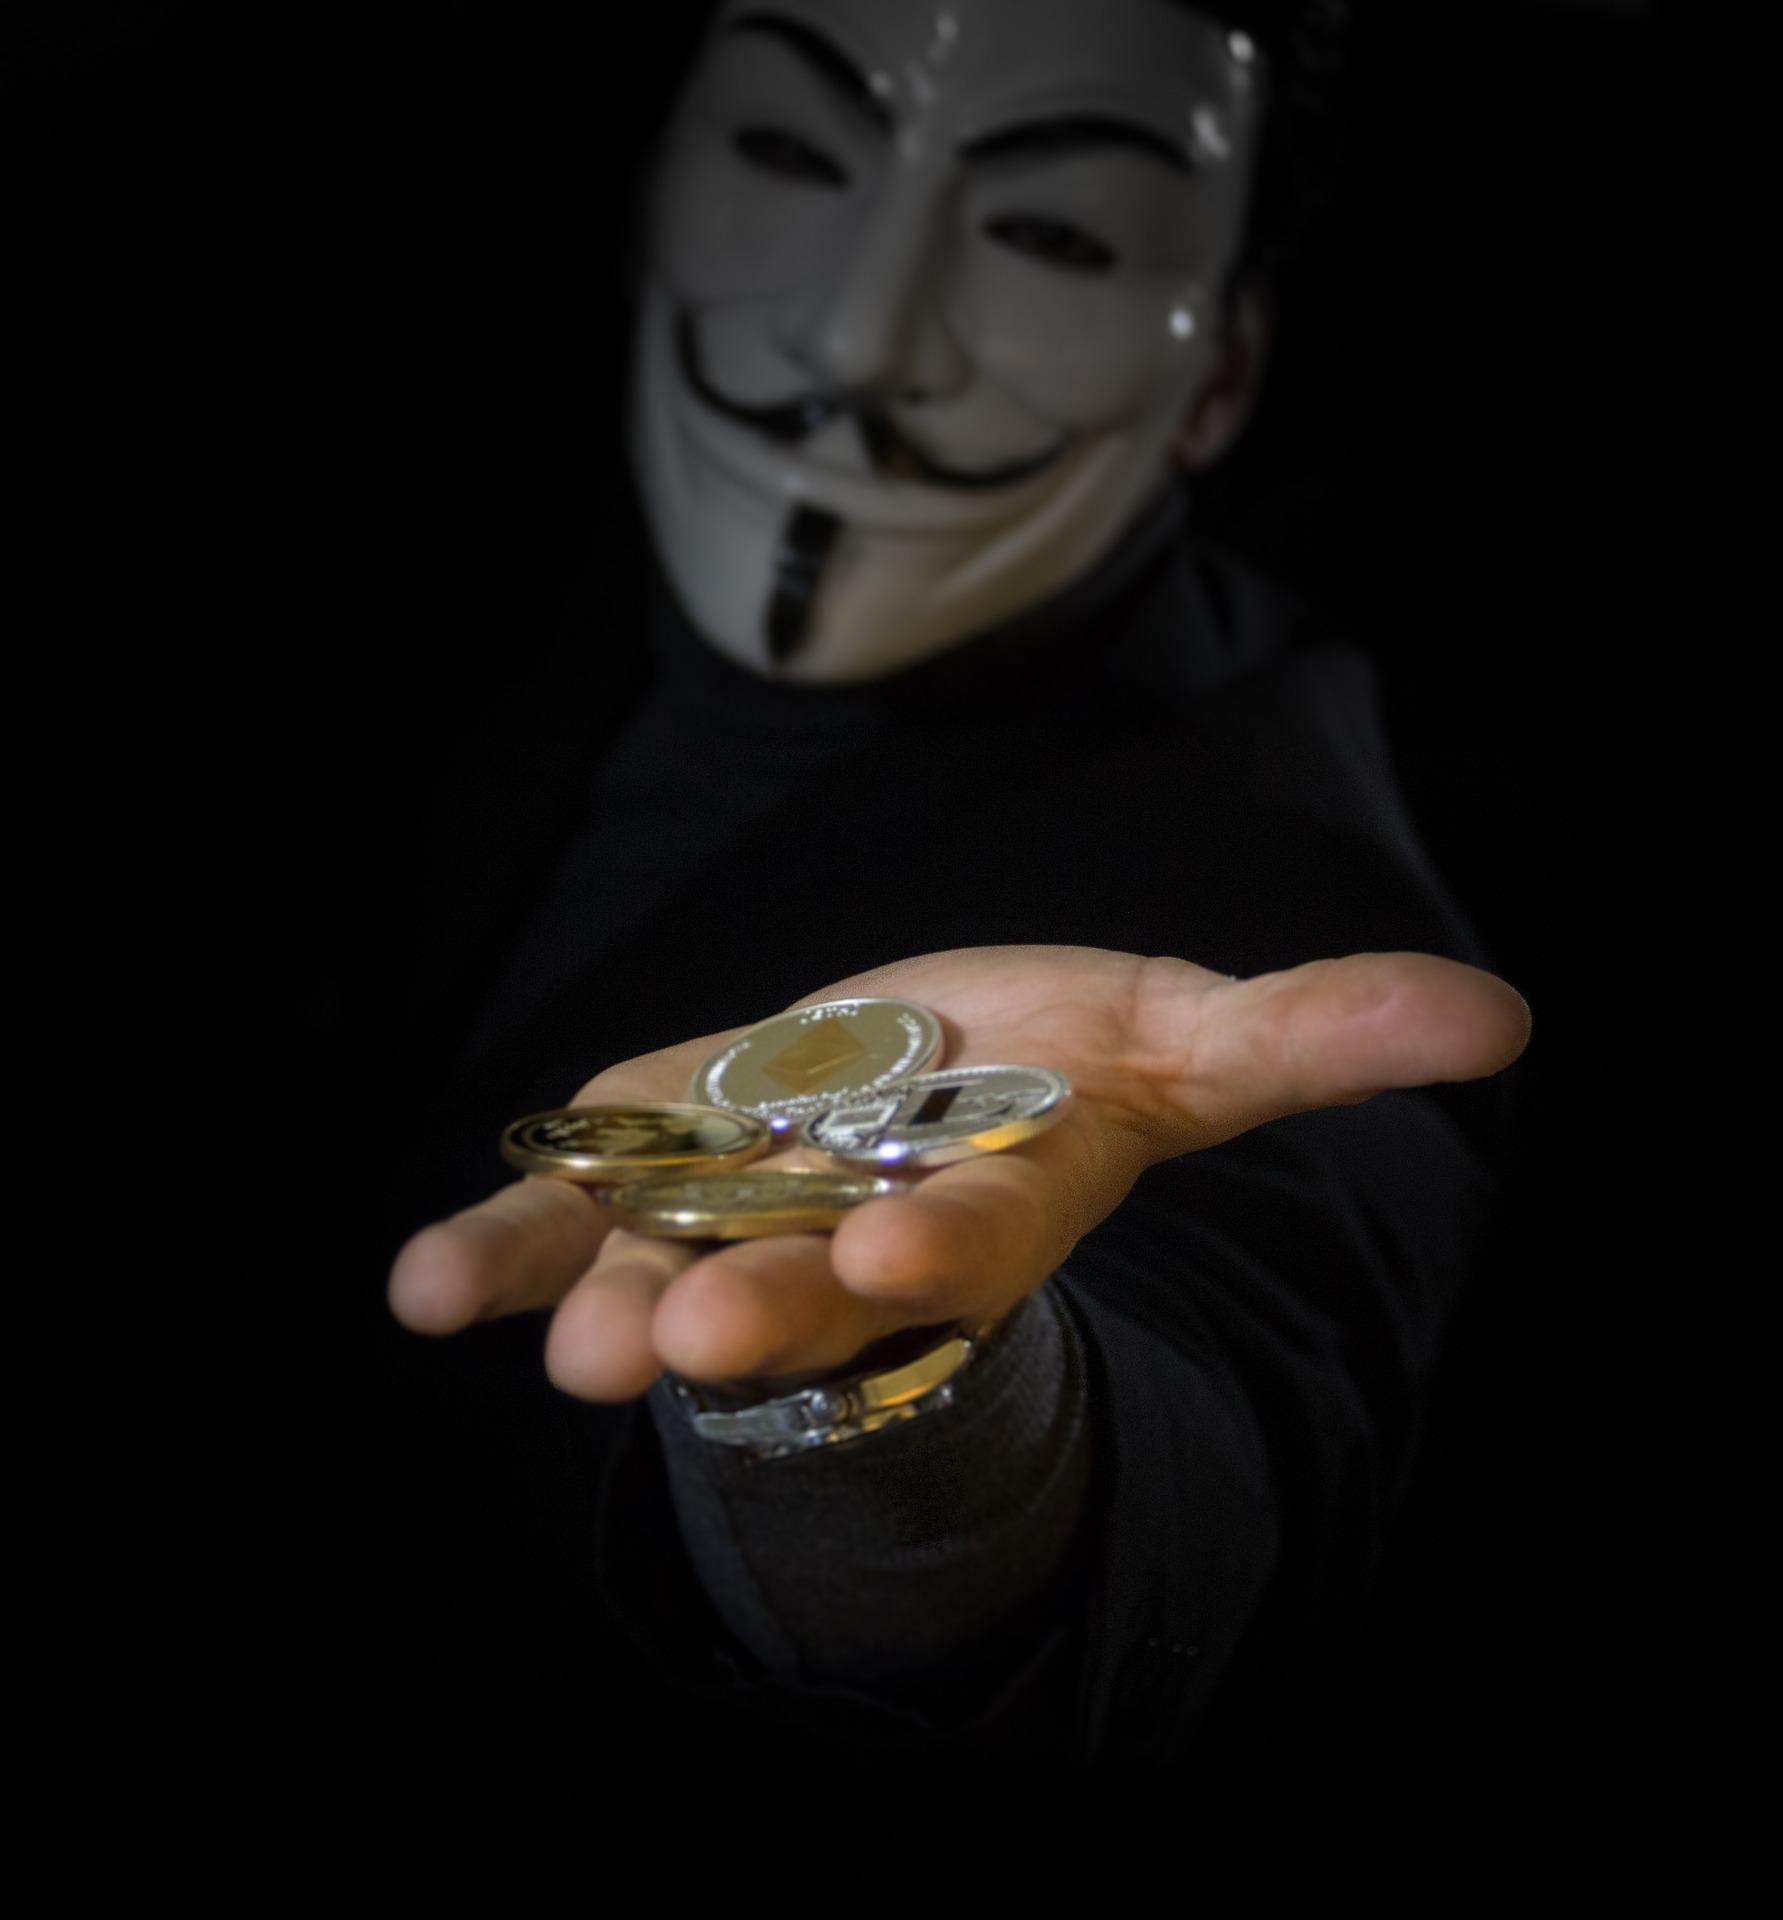 Меняем крипту на деньги.jpg